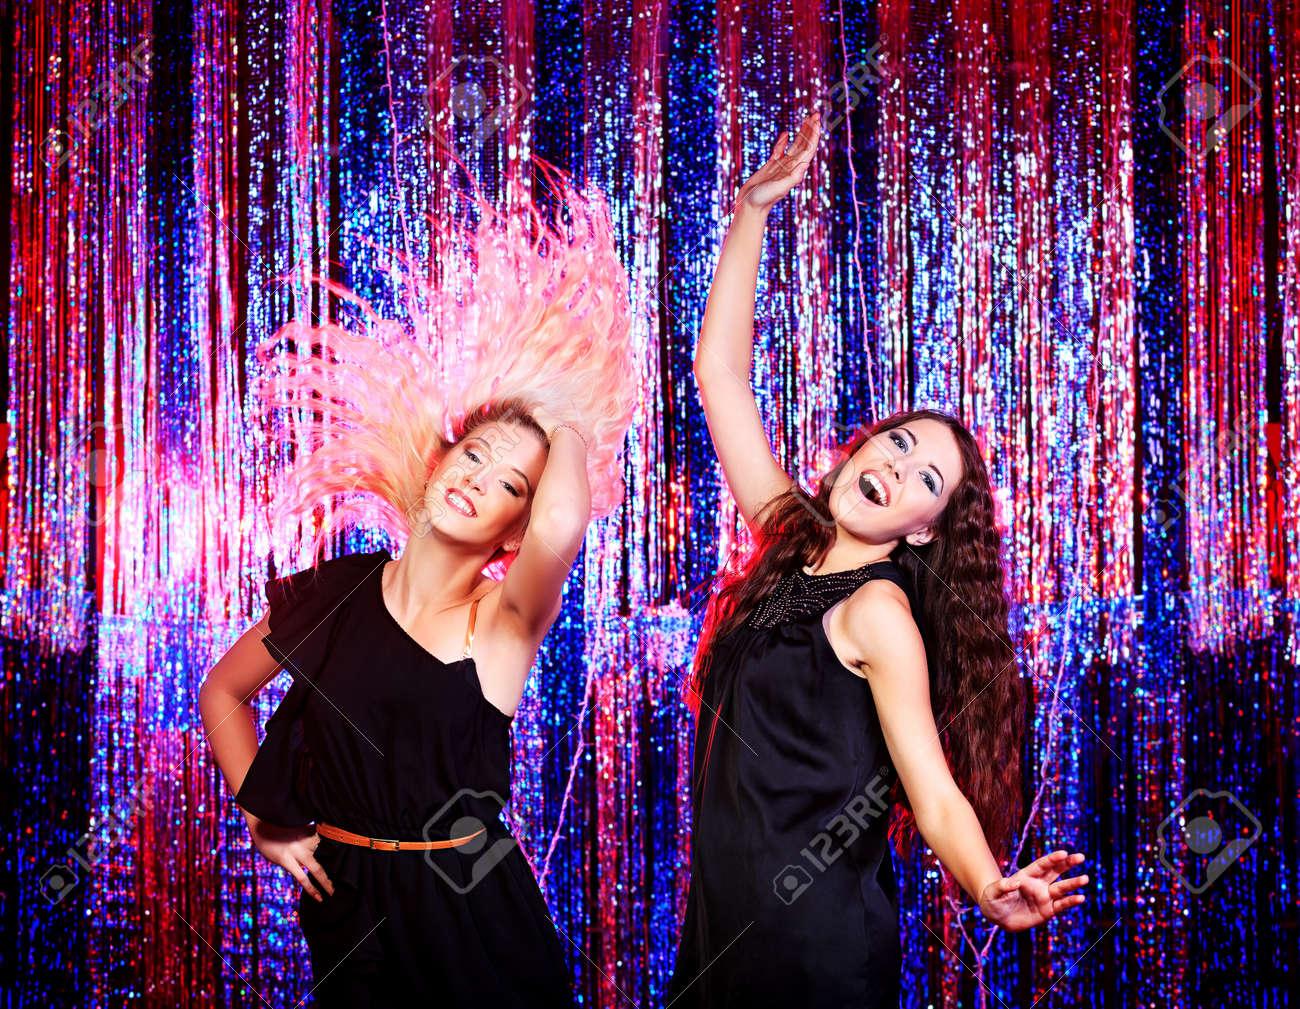 Фото русских девушек на вечеринке 23 фотография